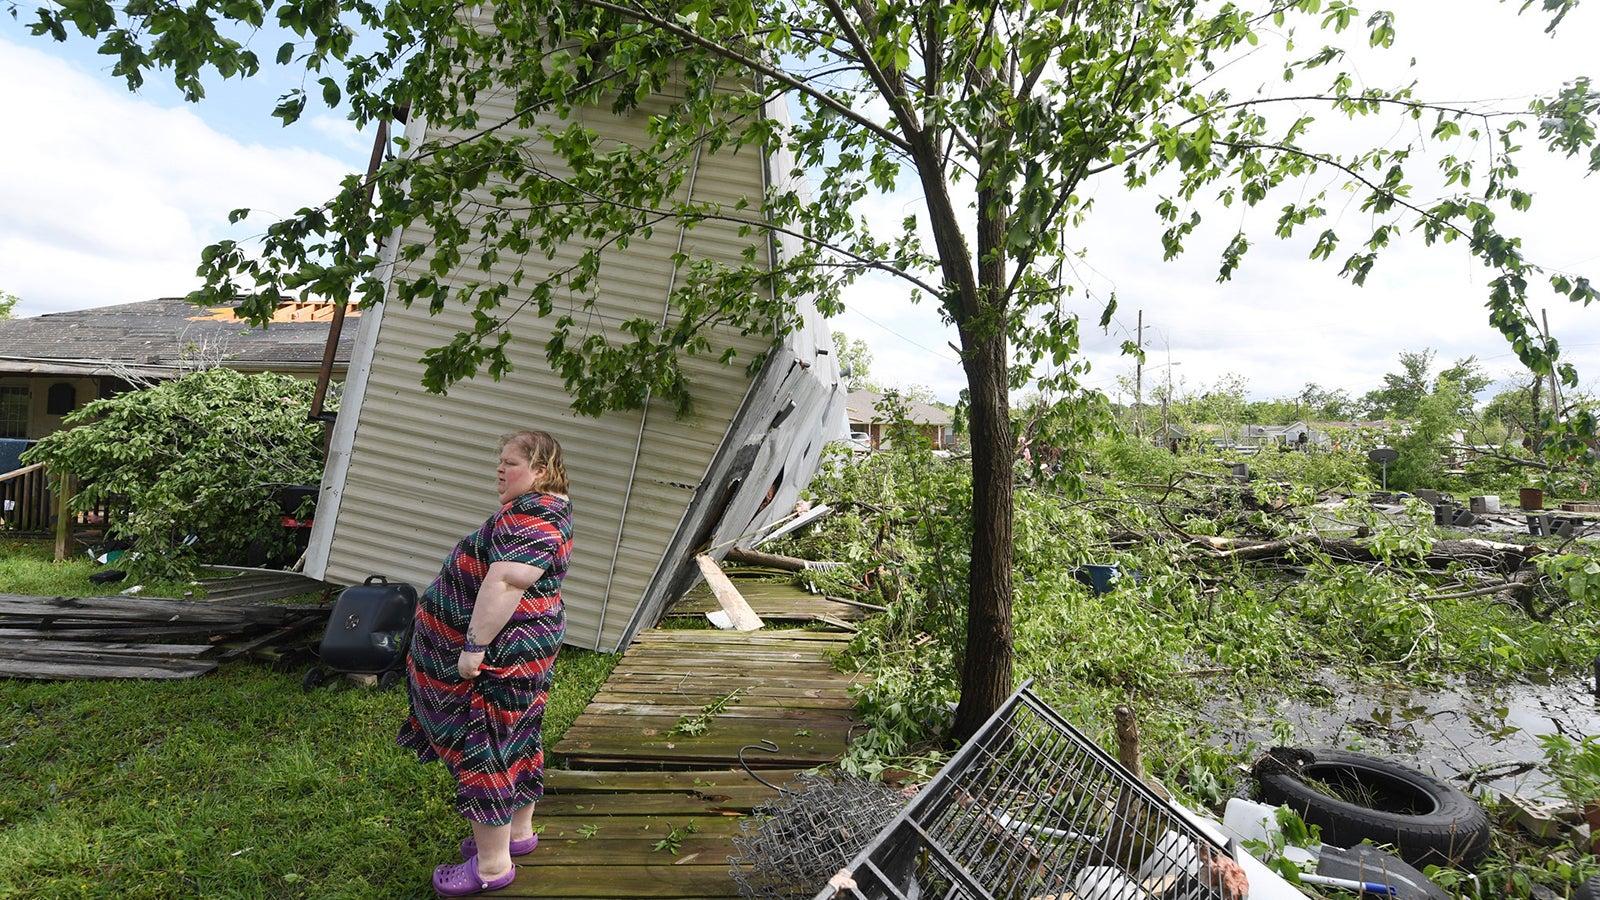 Sturm, Tornados und Überflutungen: Heftige Unwetter wüten in den USA – 8 Todesopfer